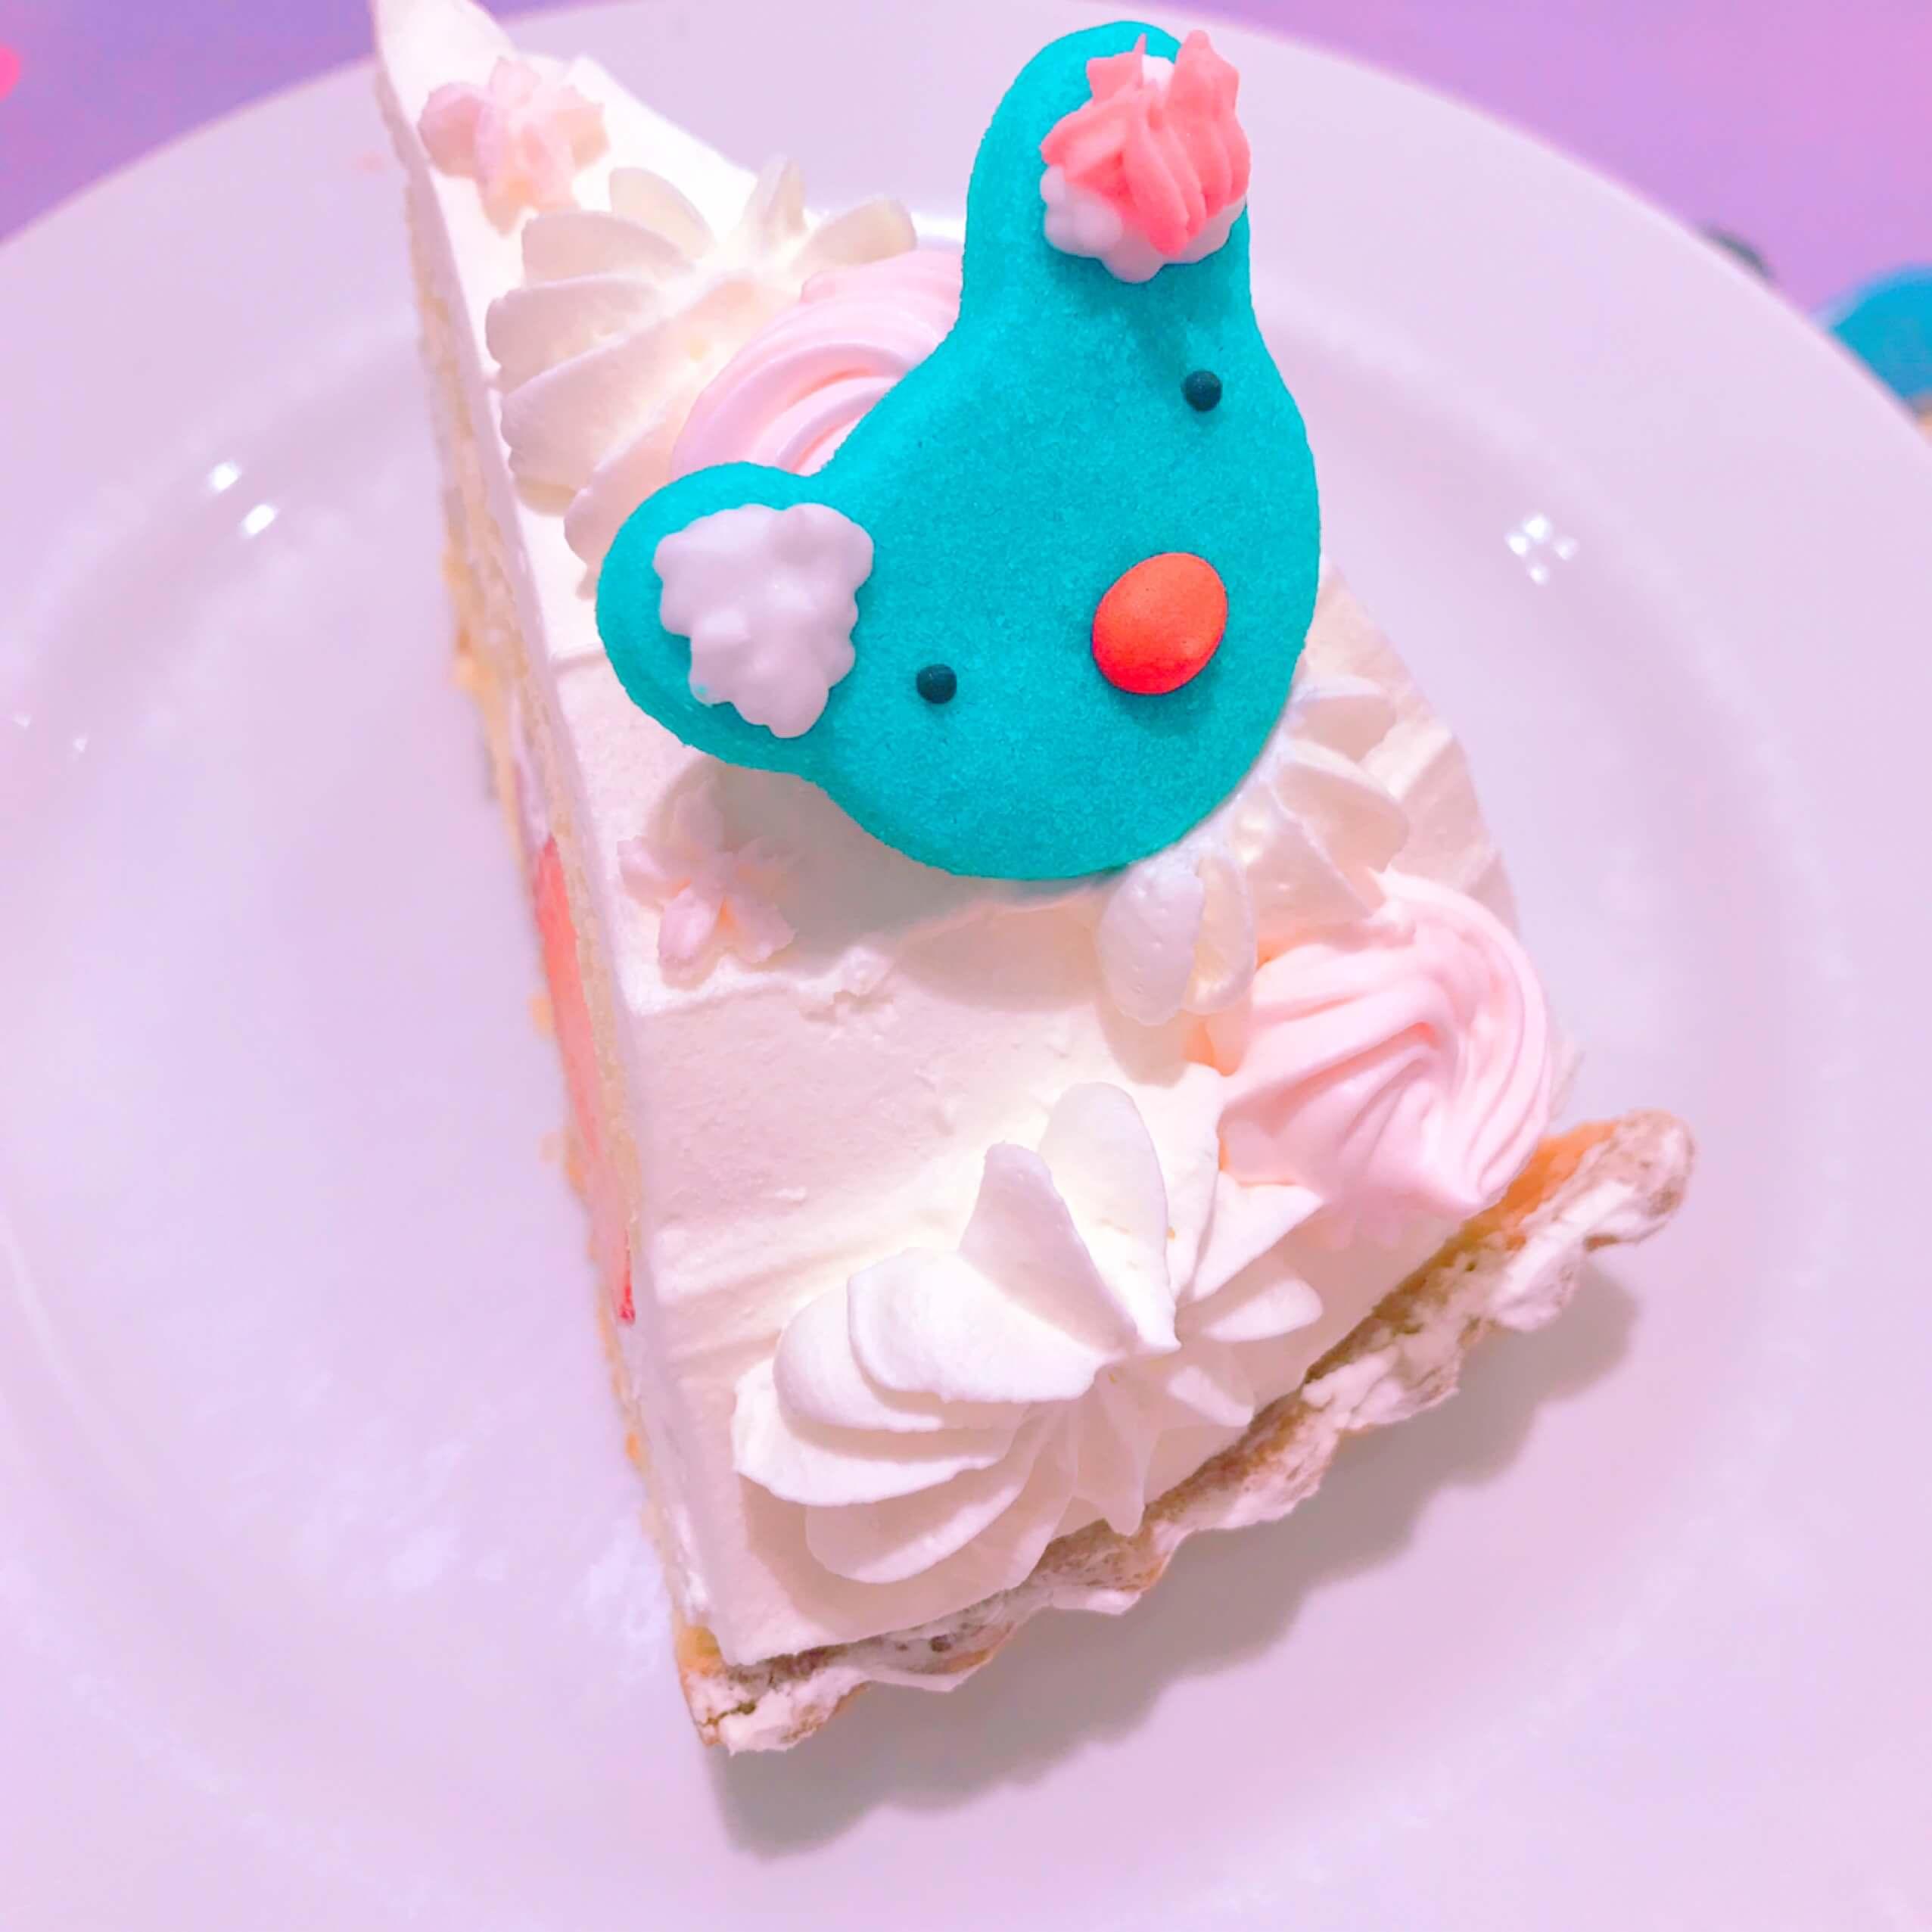 ペネロペカフェのさくらケーキがゆめかわいい!